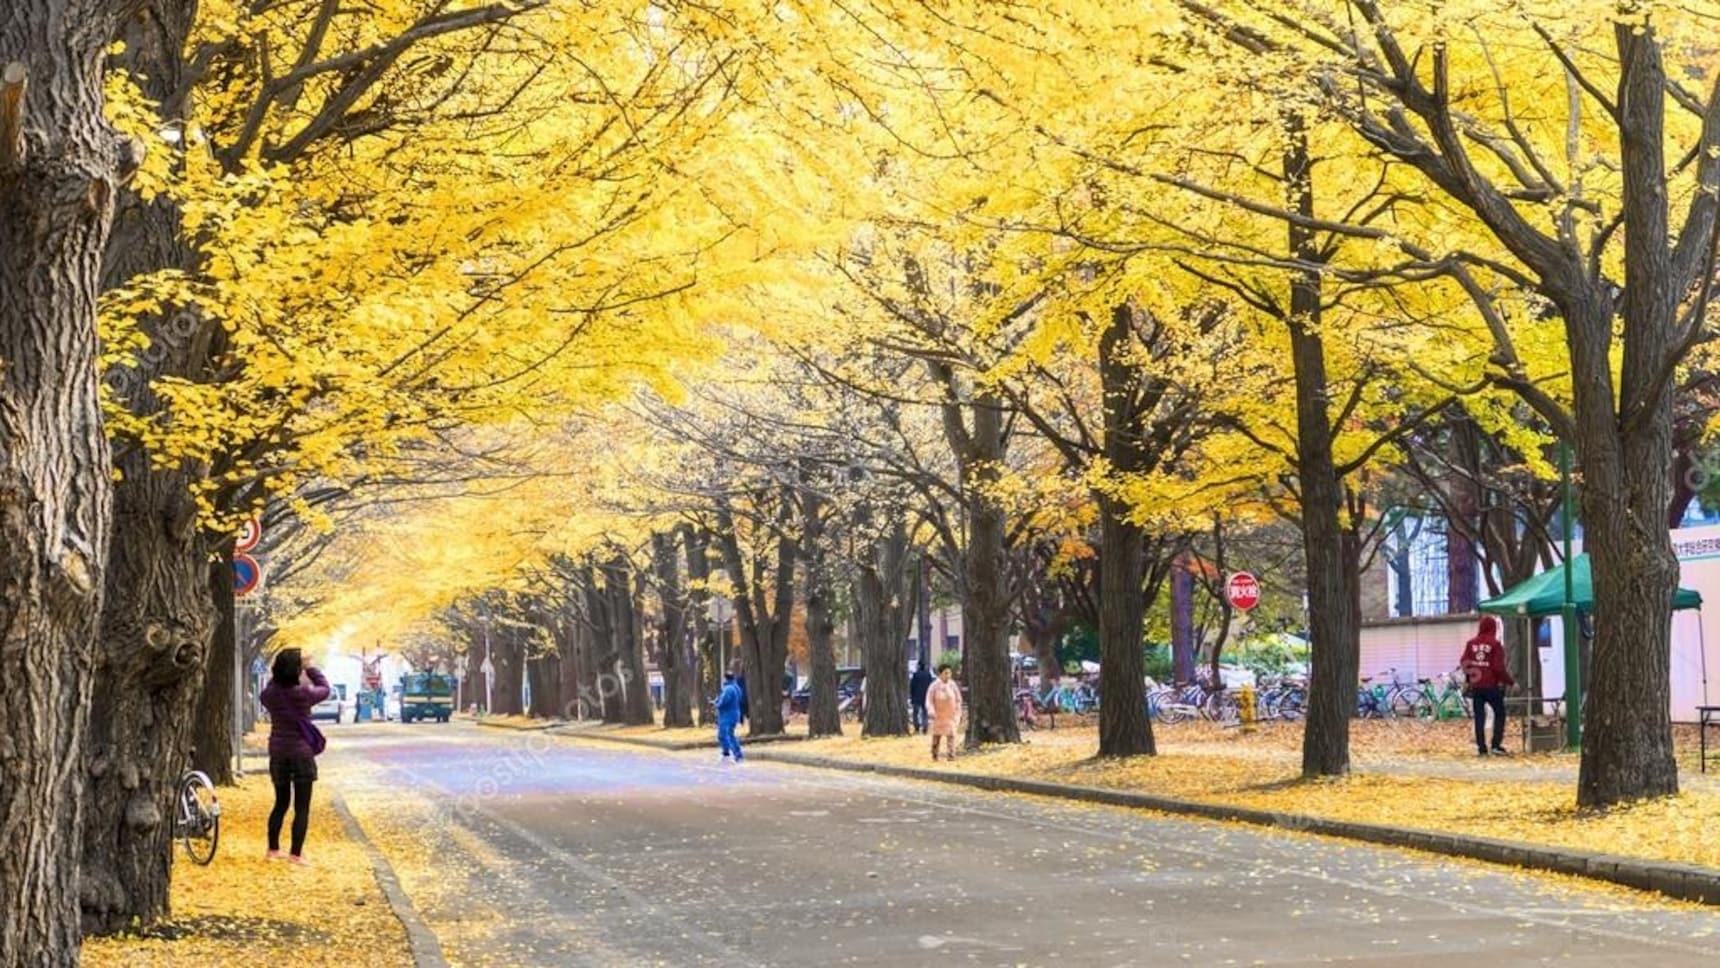 홋카이도에서 즐기는 가을 관광지 BEST 3